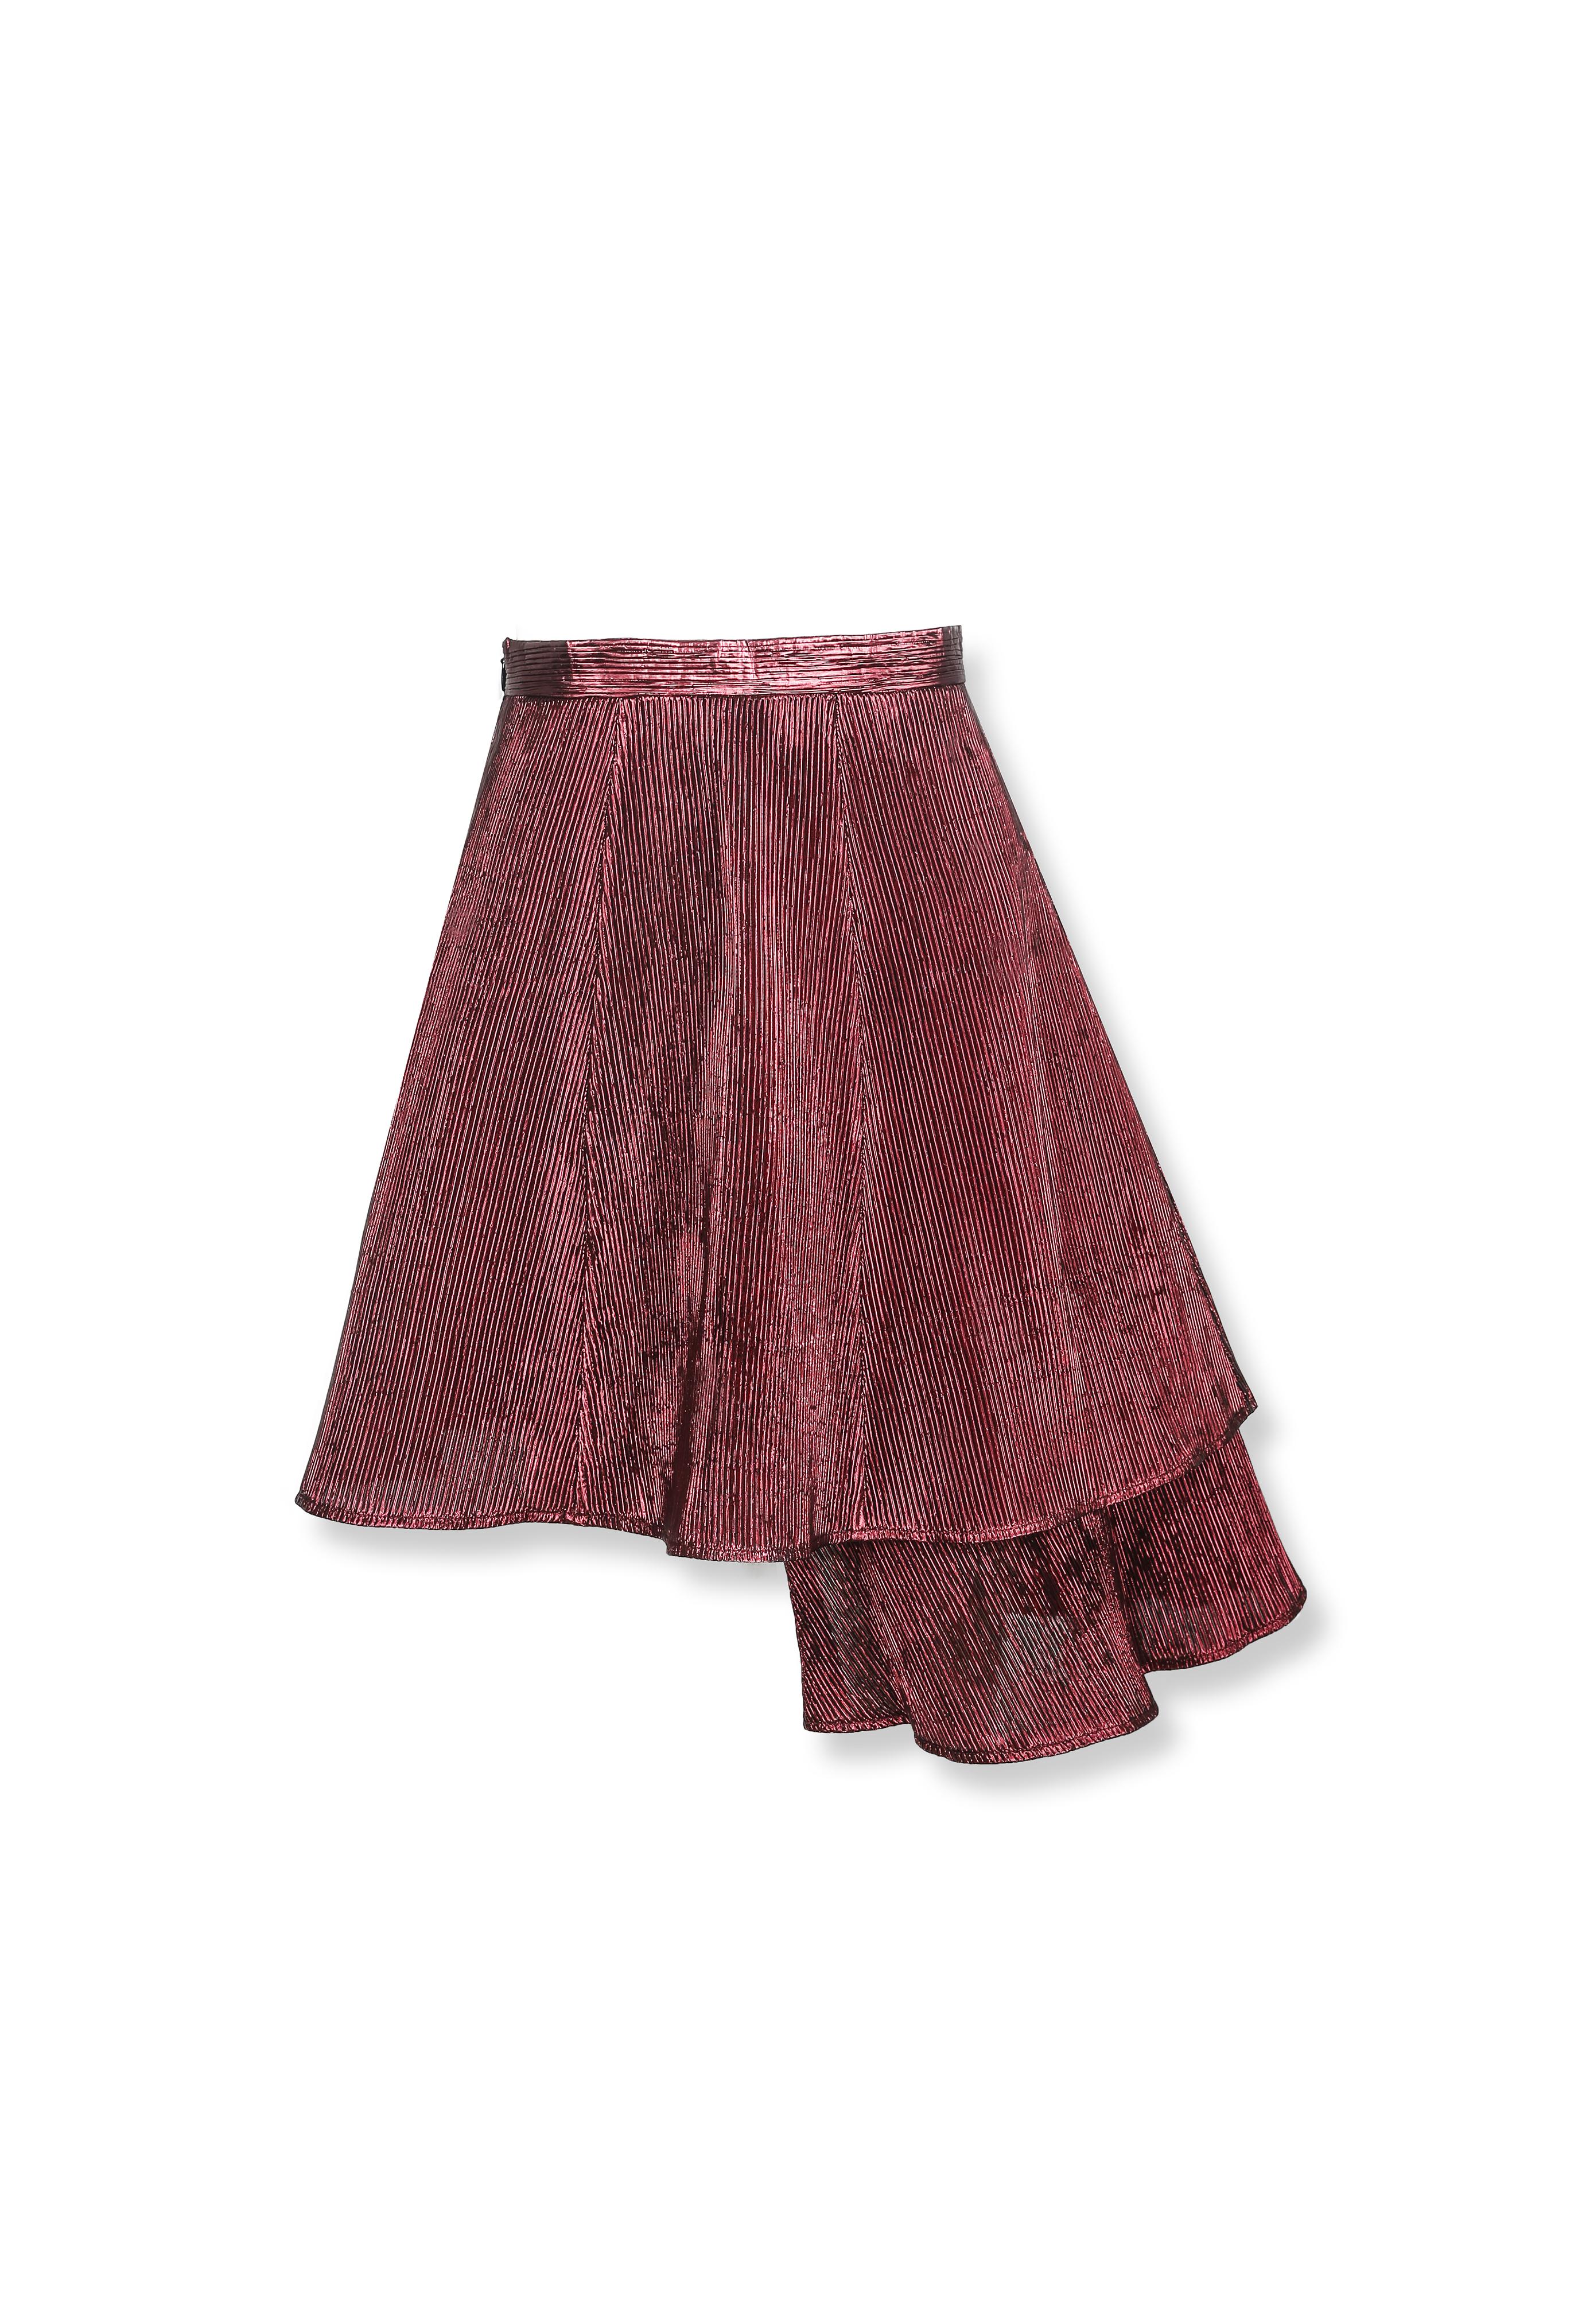 Textured Ruffle Skirt